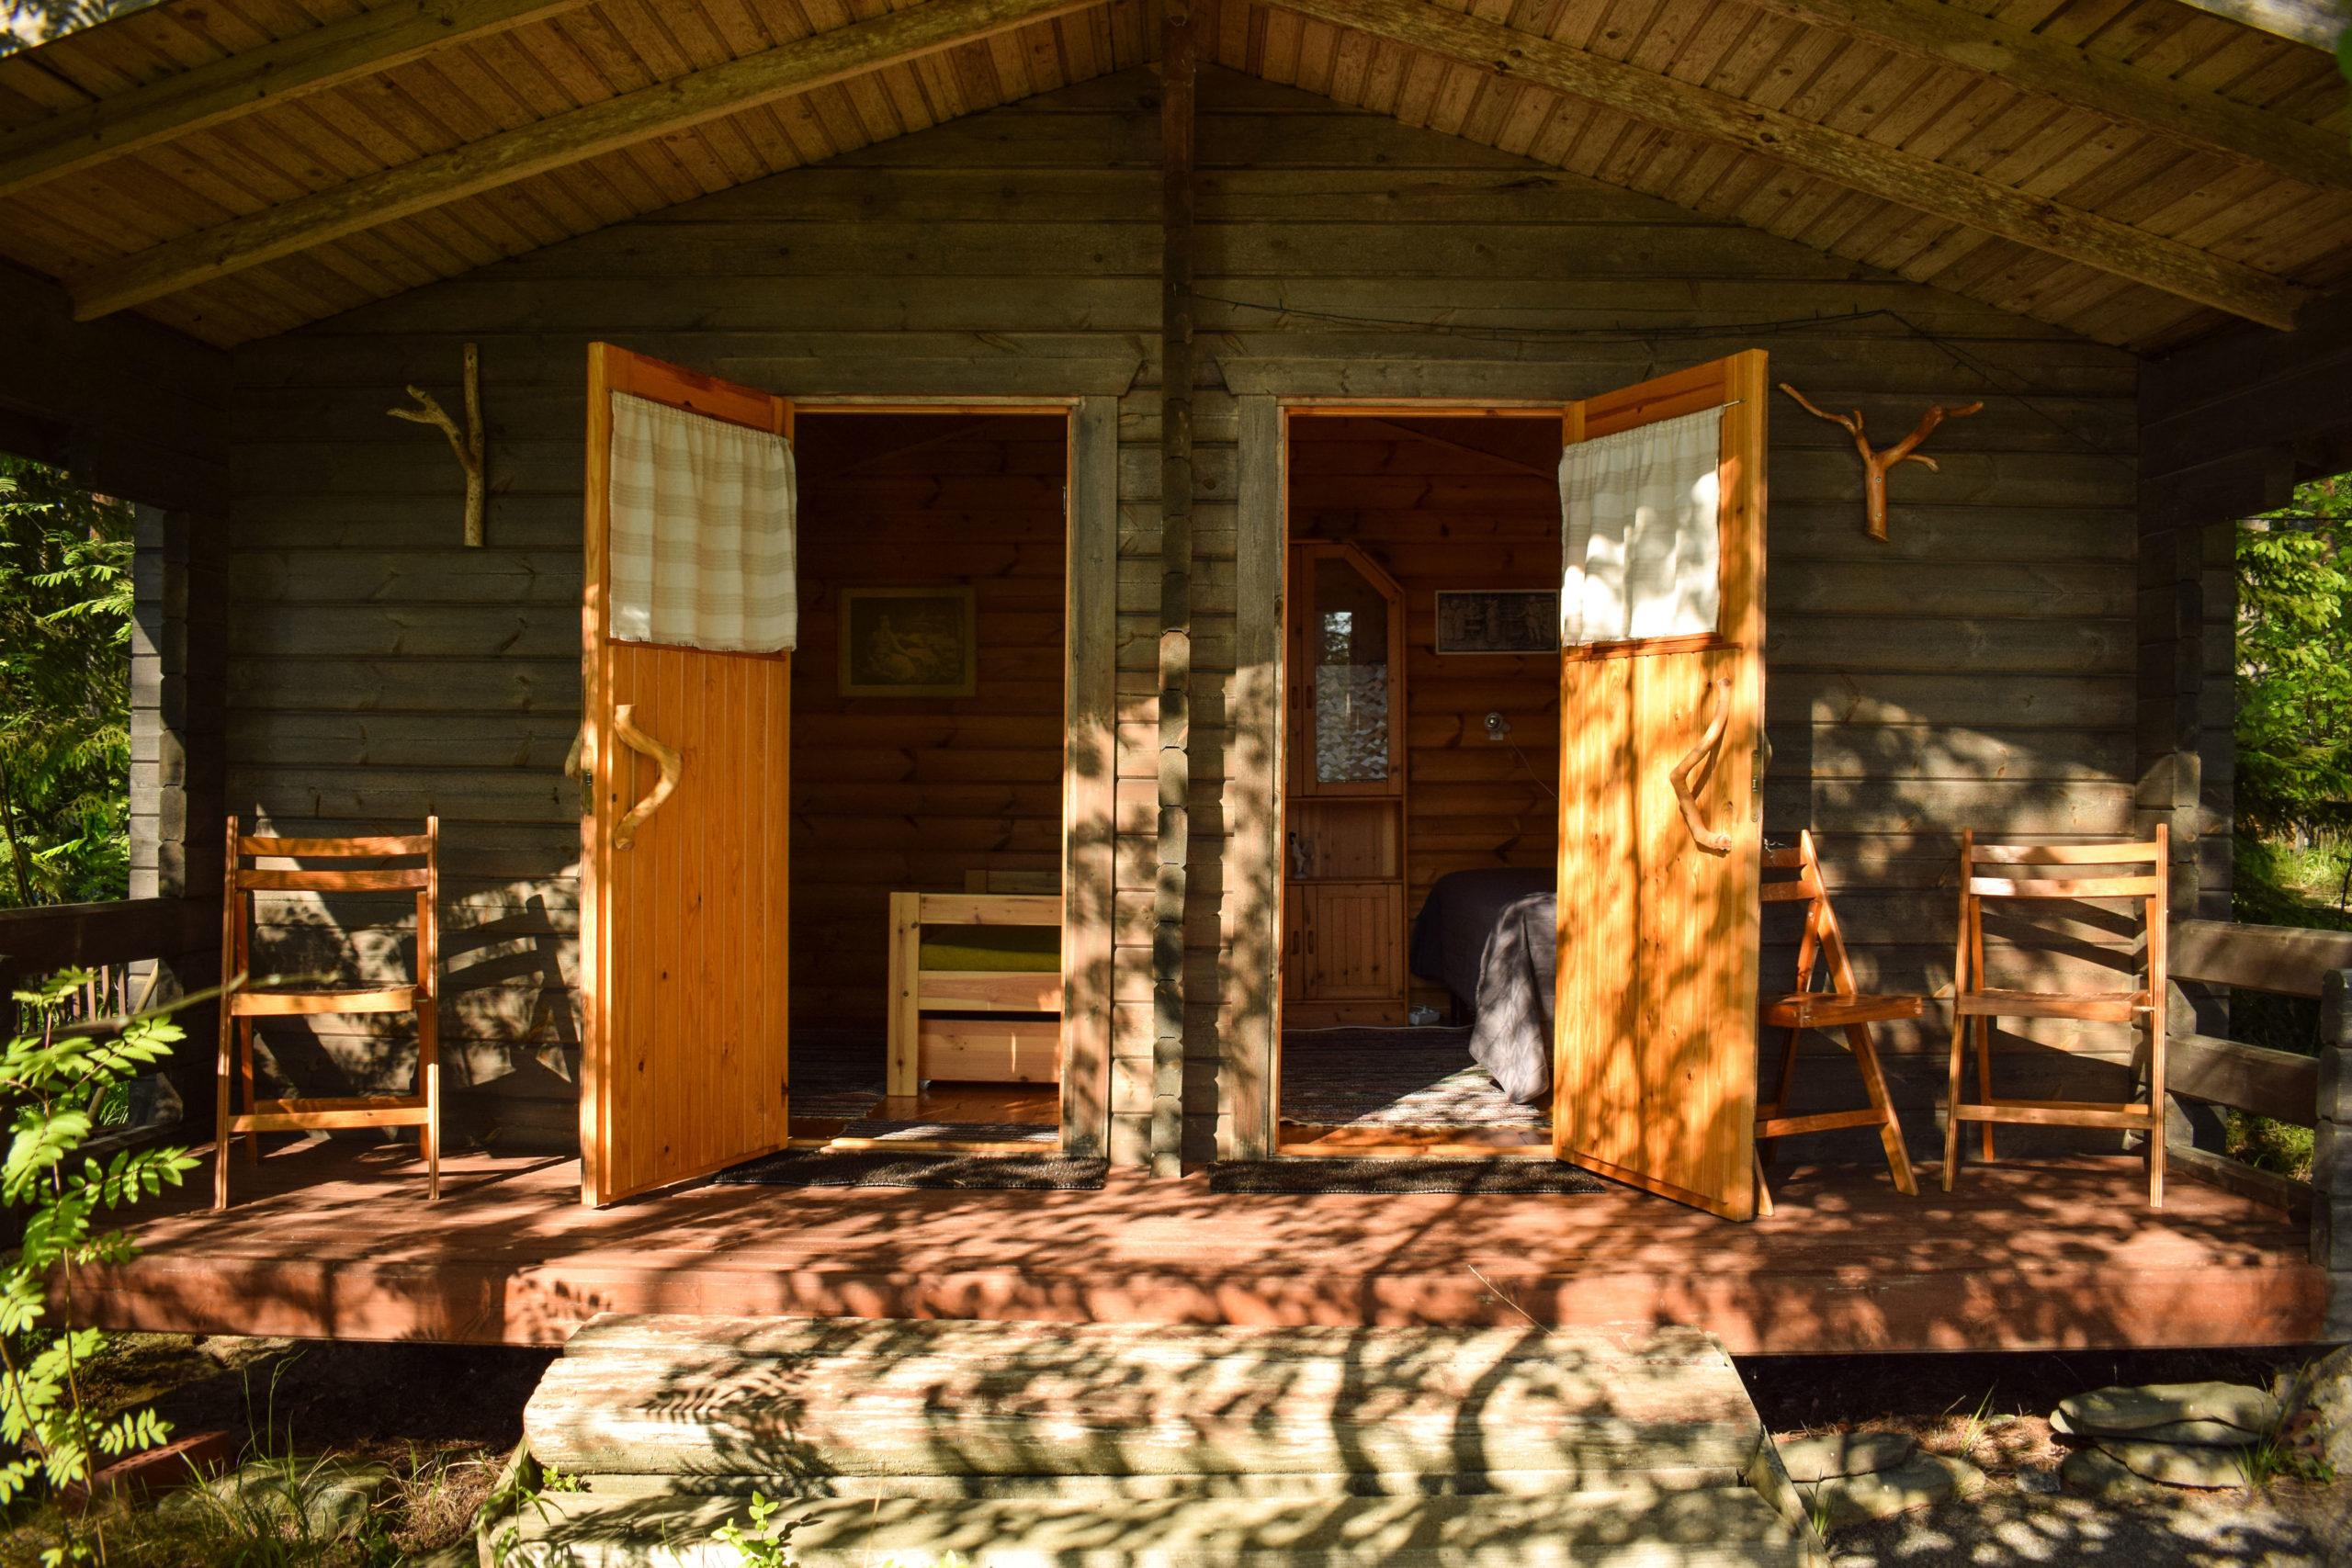 Kukkoniemen Lomamökit rental cottages in Punkaharju, Saimaa